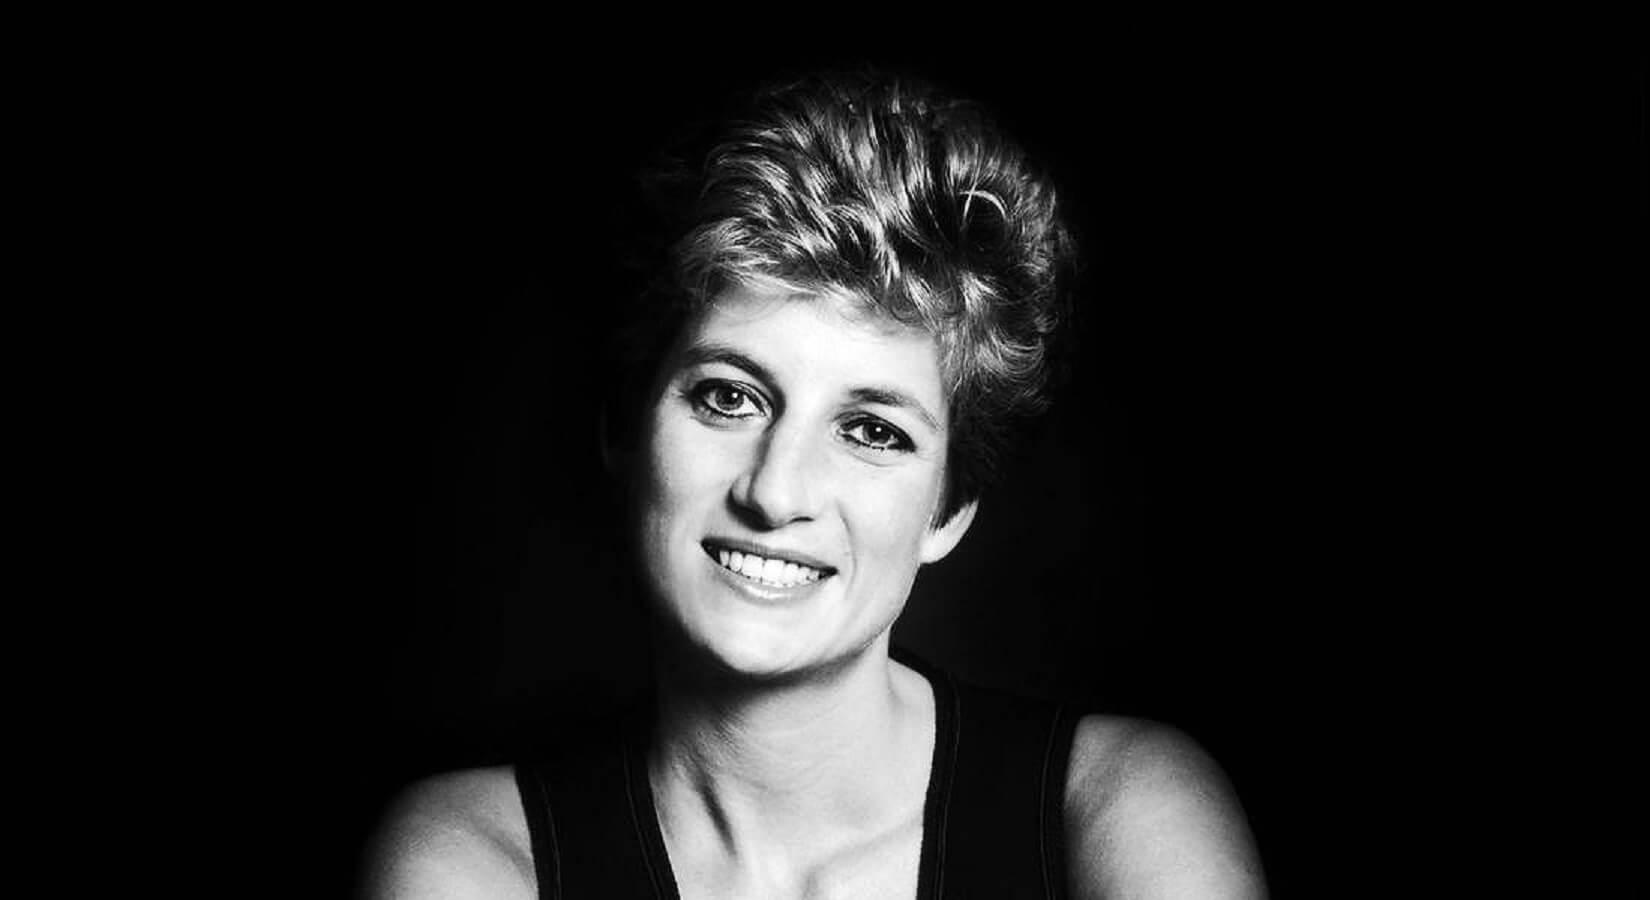 La colazione controversa di Lady Diana: cosa amava mangiare